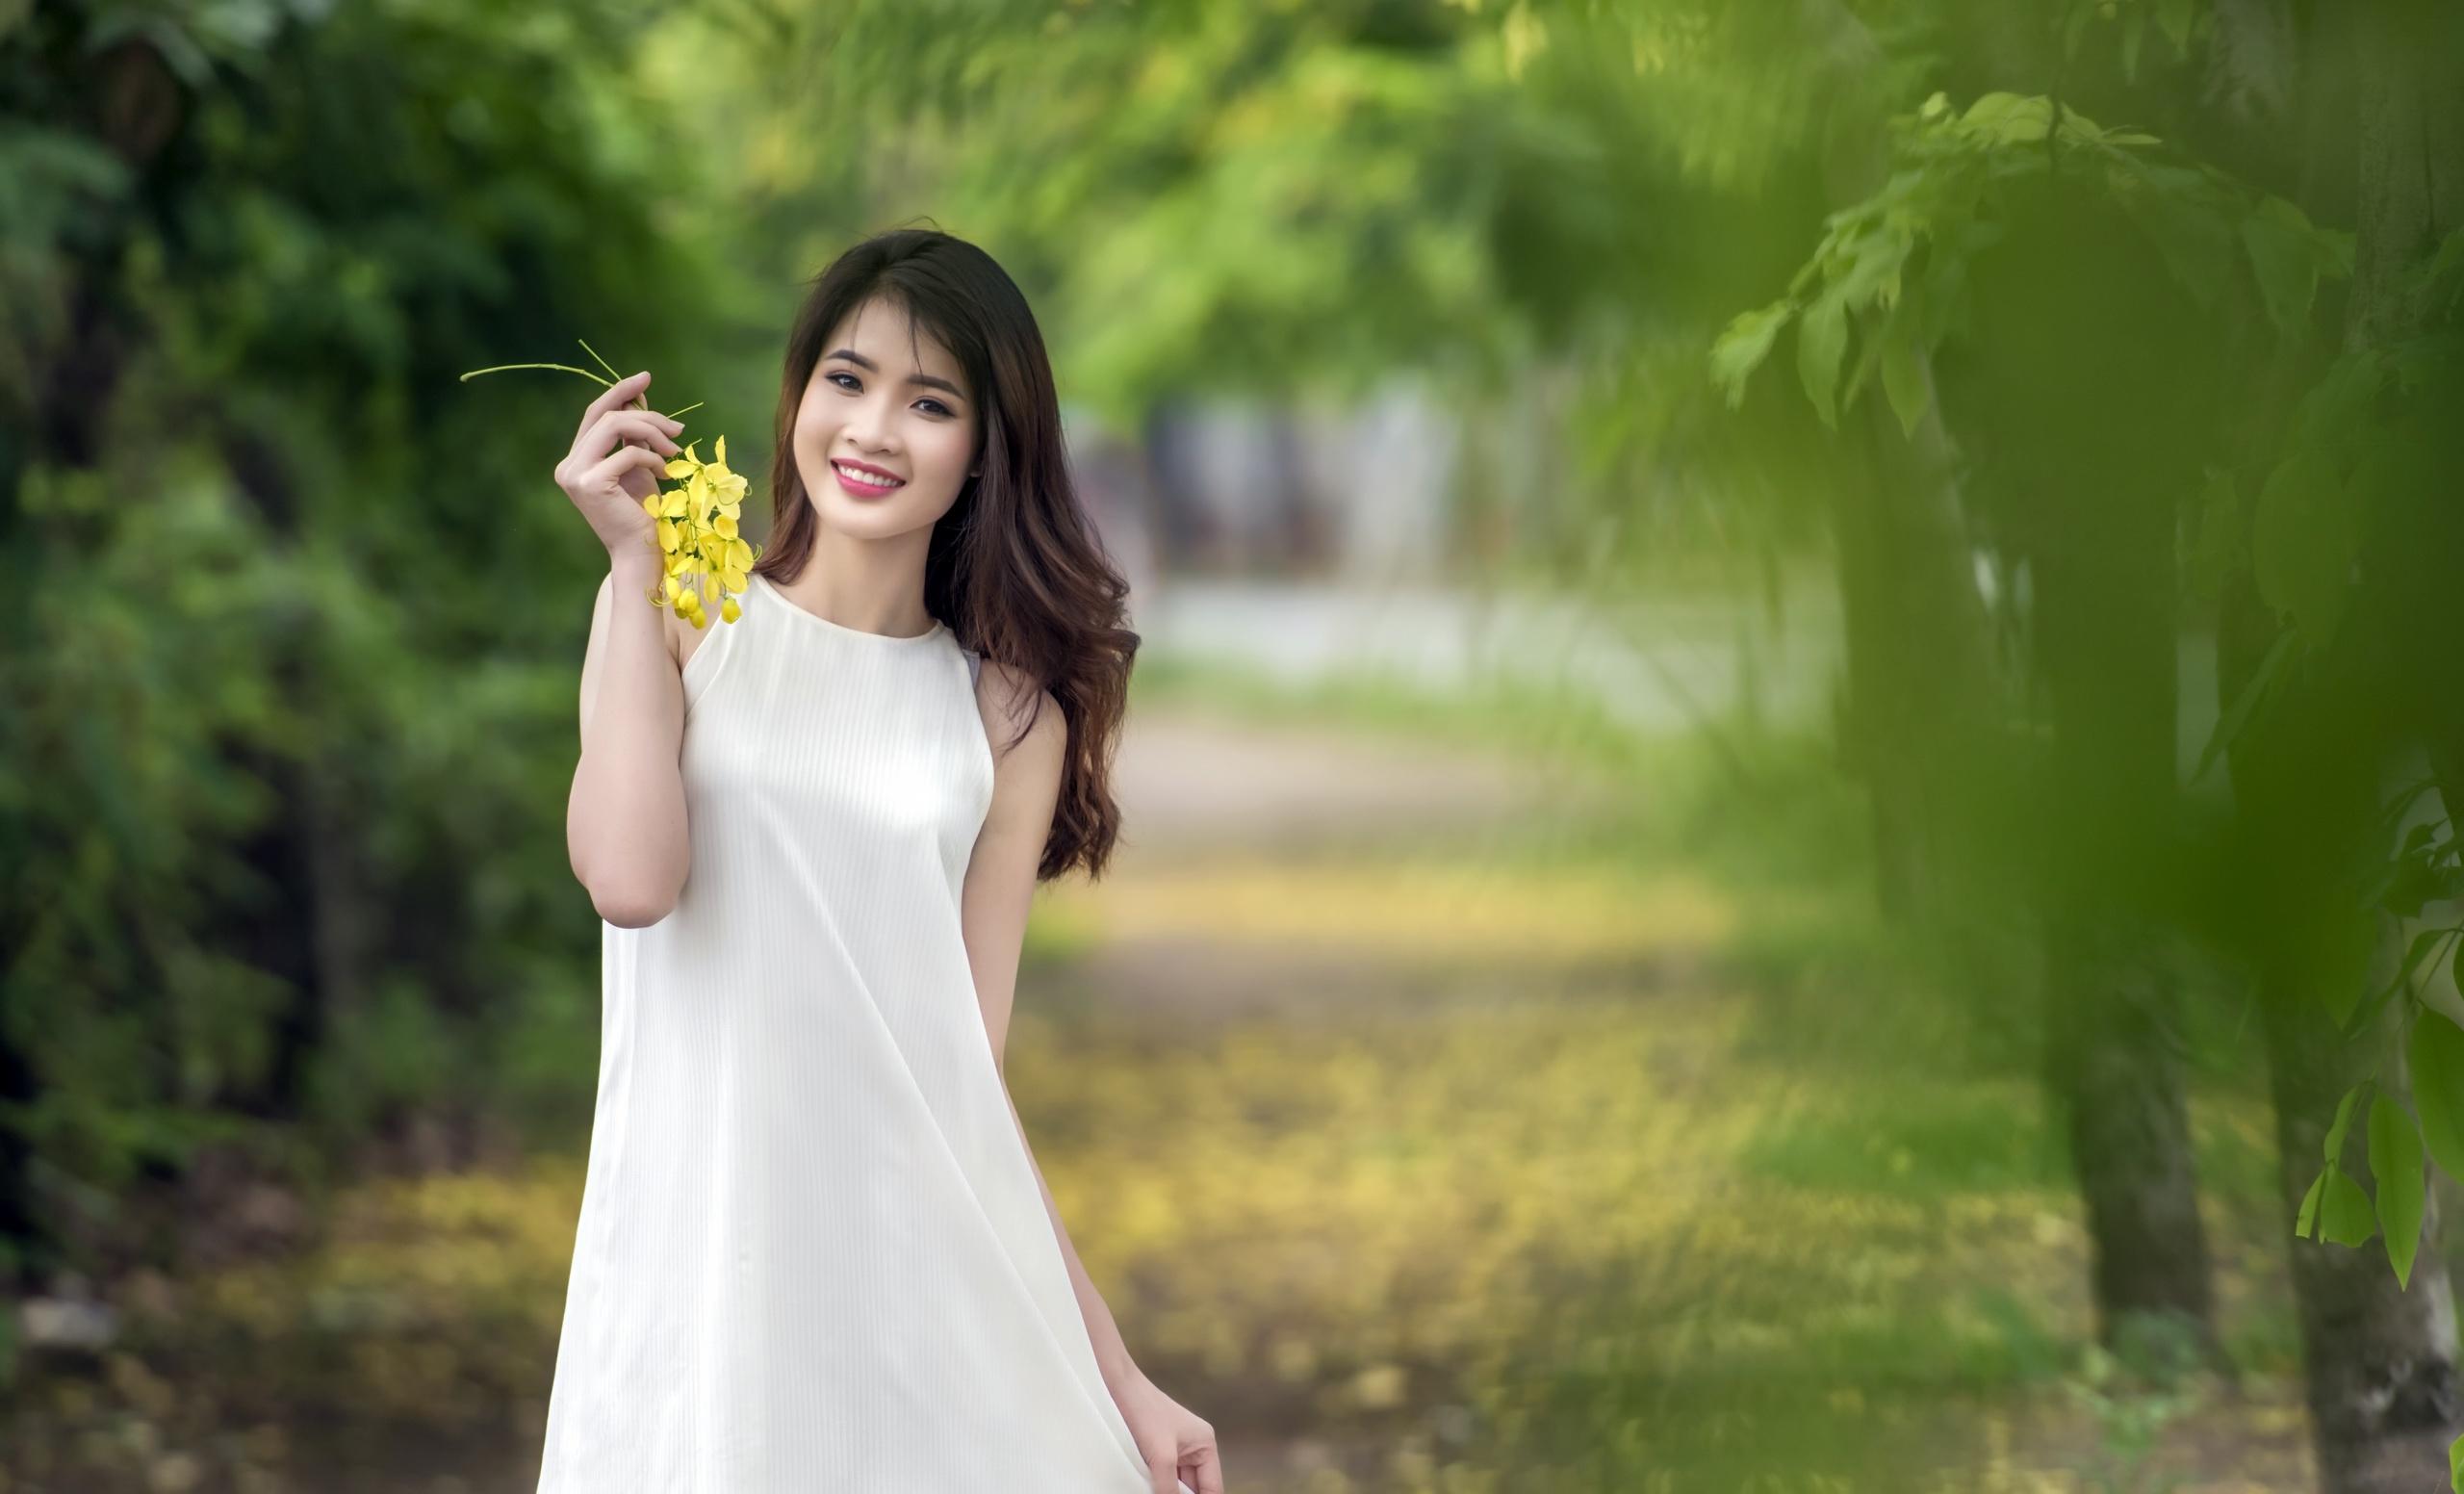 азиатка и белый